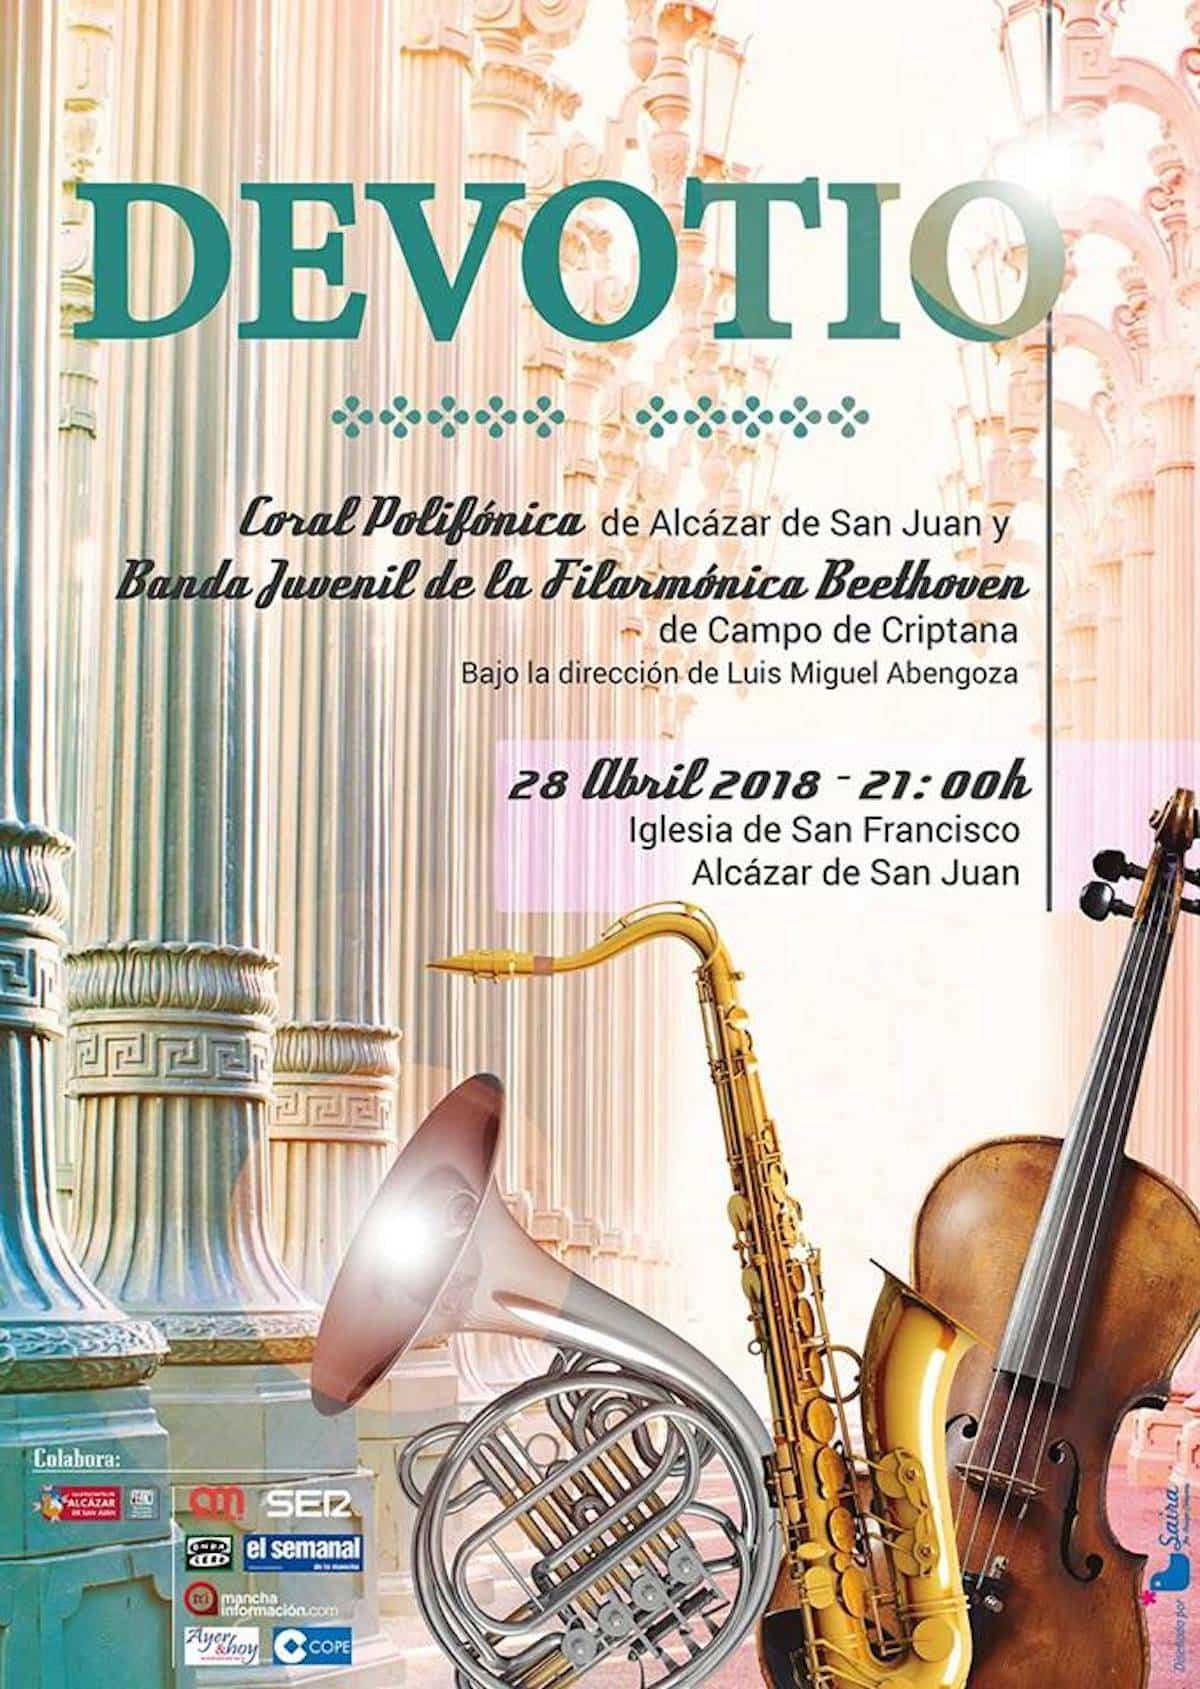 devotio - Concierto Devotio bajo la dirección del herenciano Luis Miguel Abengoza en Alcázar